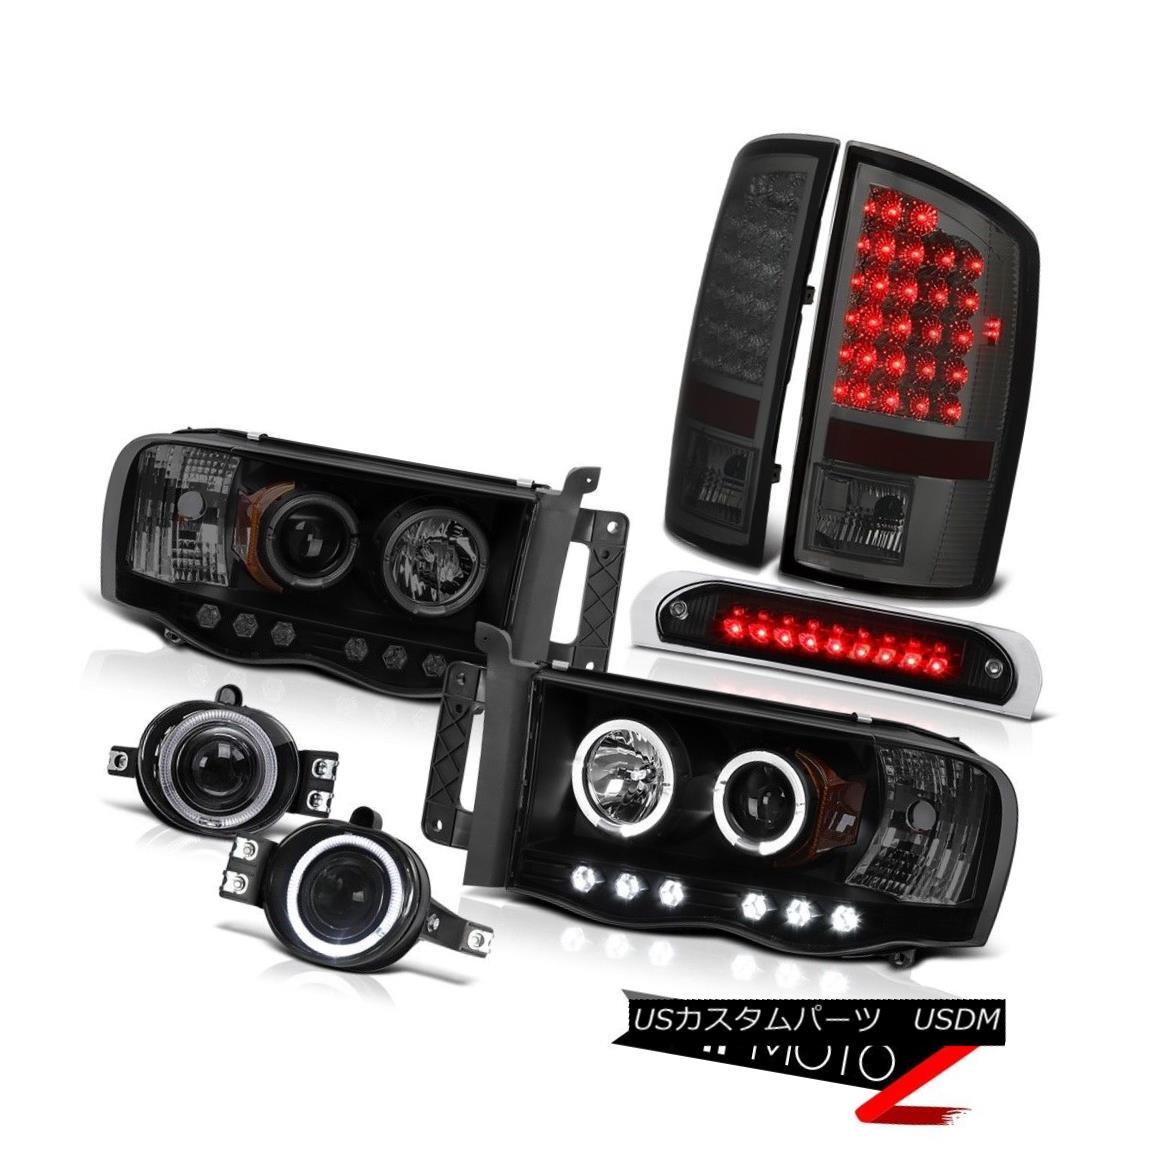 テールライト 02-05 Ram 1500 Halo Ring LED Headlight Tail Lights Tinted Bumper Fog Brake Cargo 02-05ラム1500ハローリングLEDヘッドライトテールライトトーンバンパーフォグブレーキカーゴ